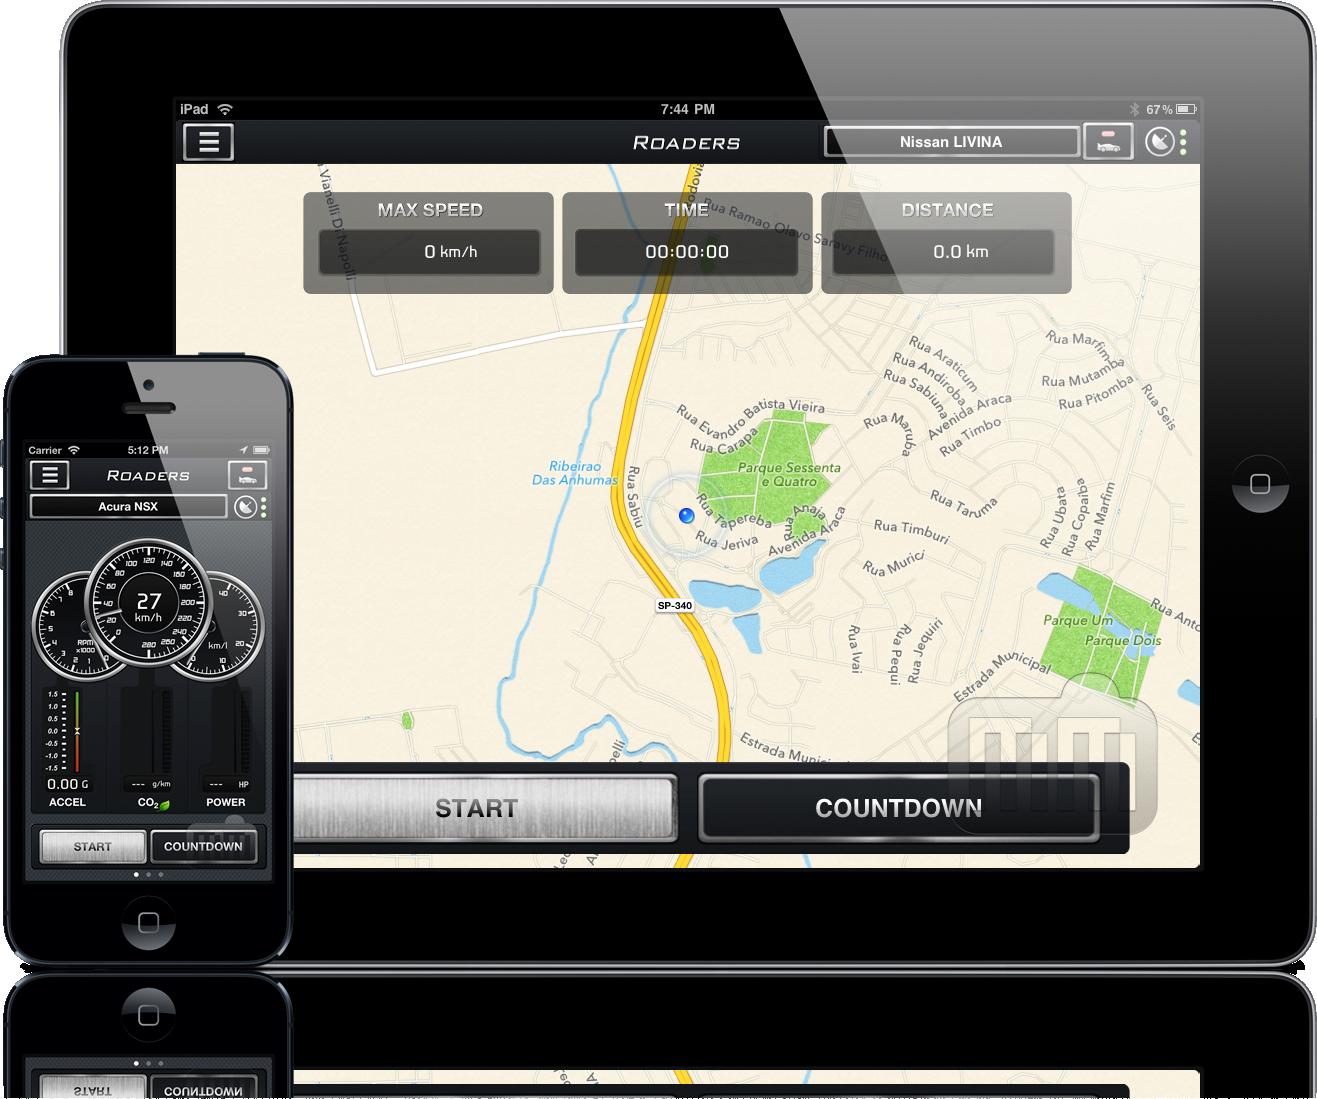 Roaders - iPad e iPhone